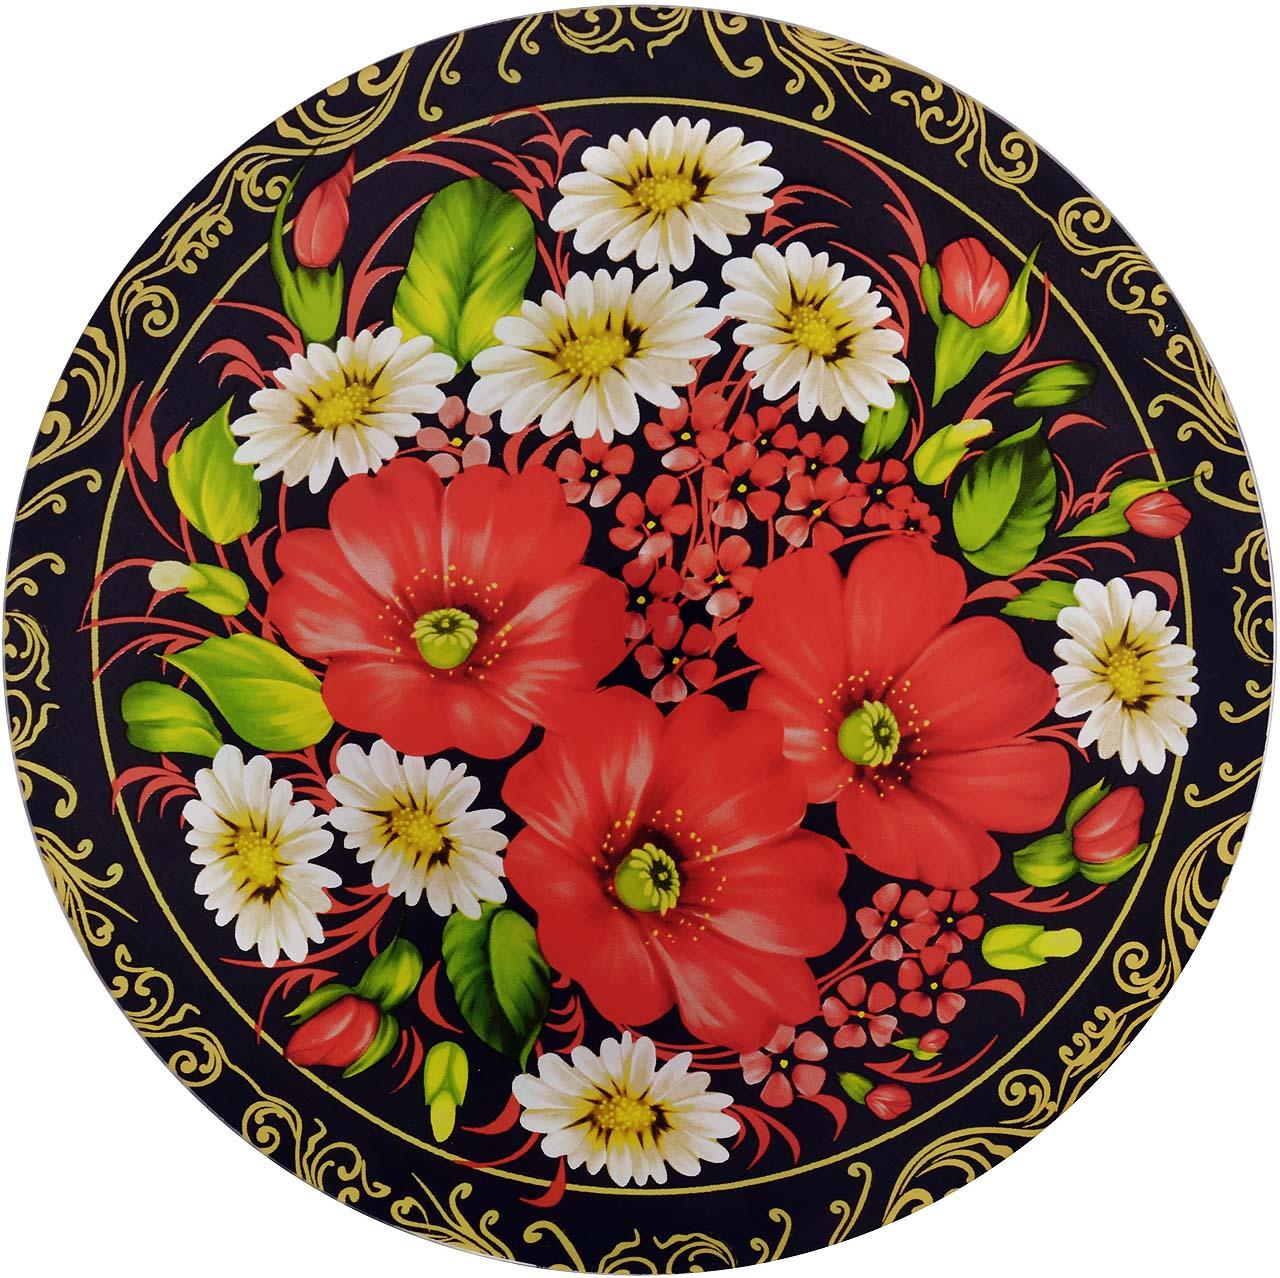 Тортовница Loraine, вращающаяся, цвет: черный, красный, зеленый, диаметр 30,5 см. э2364